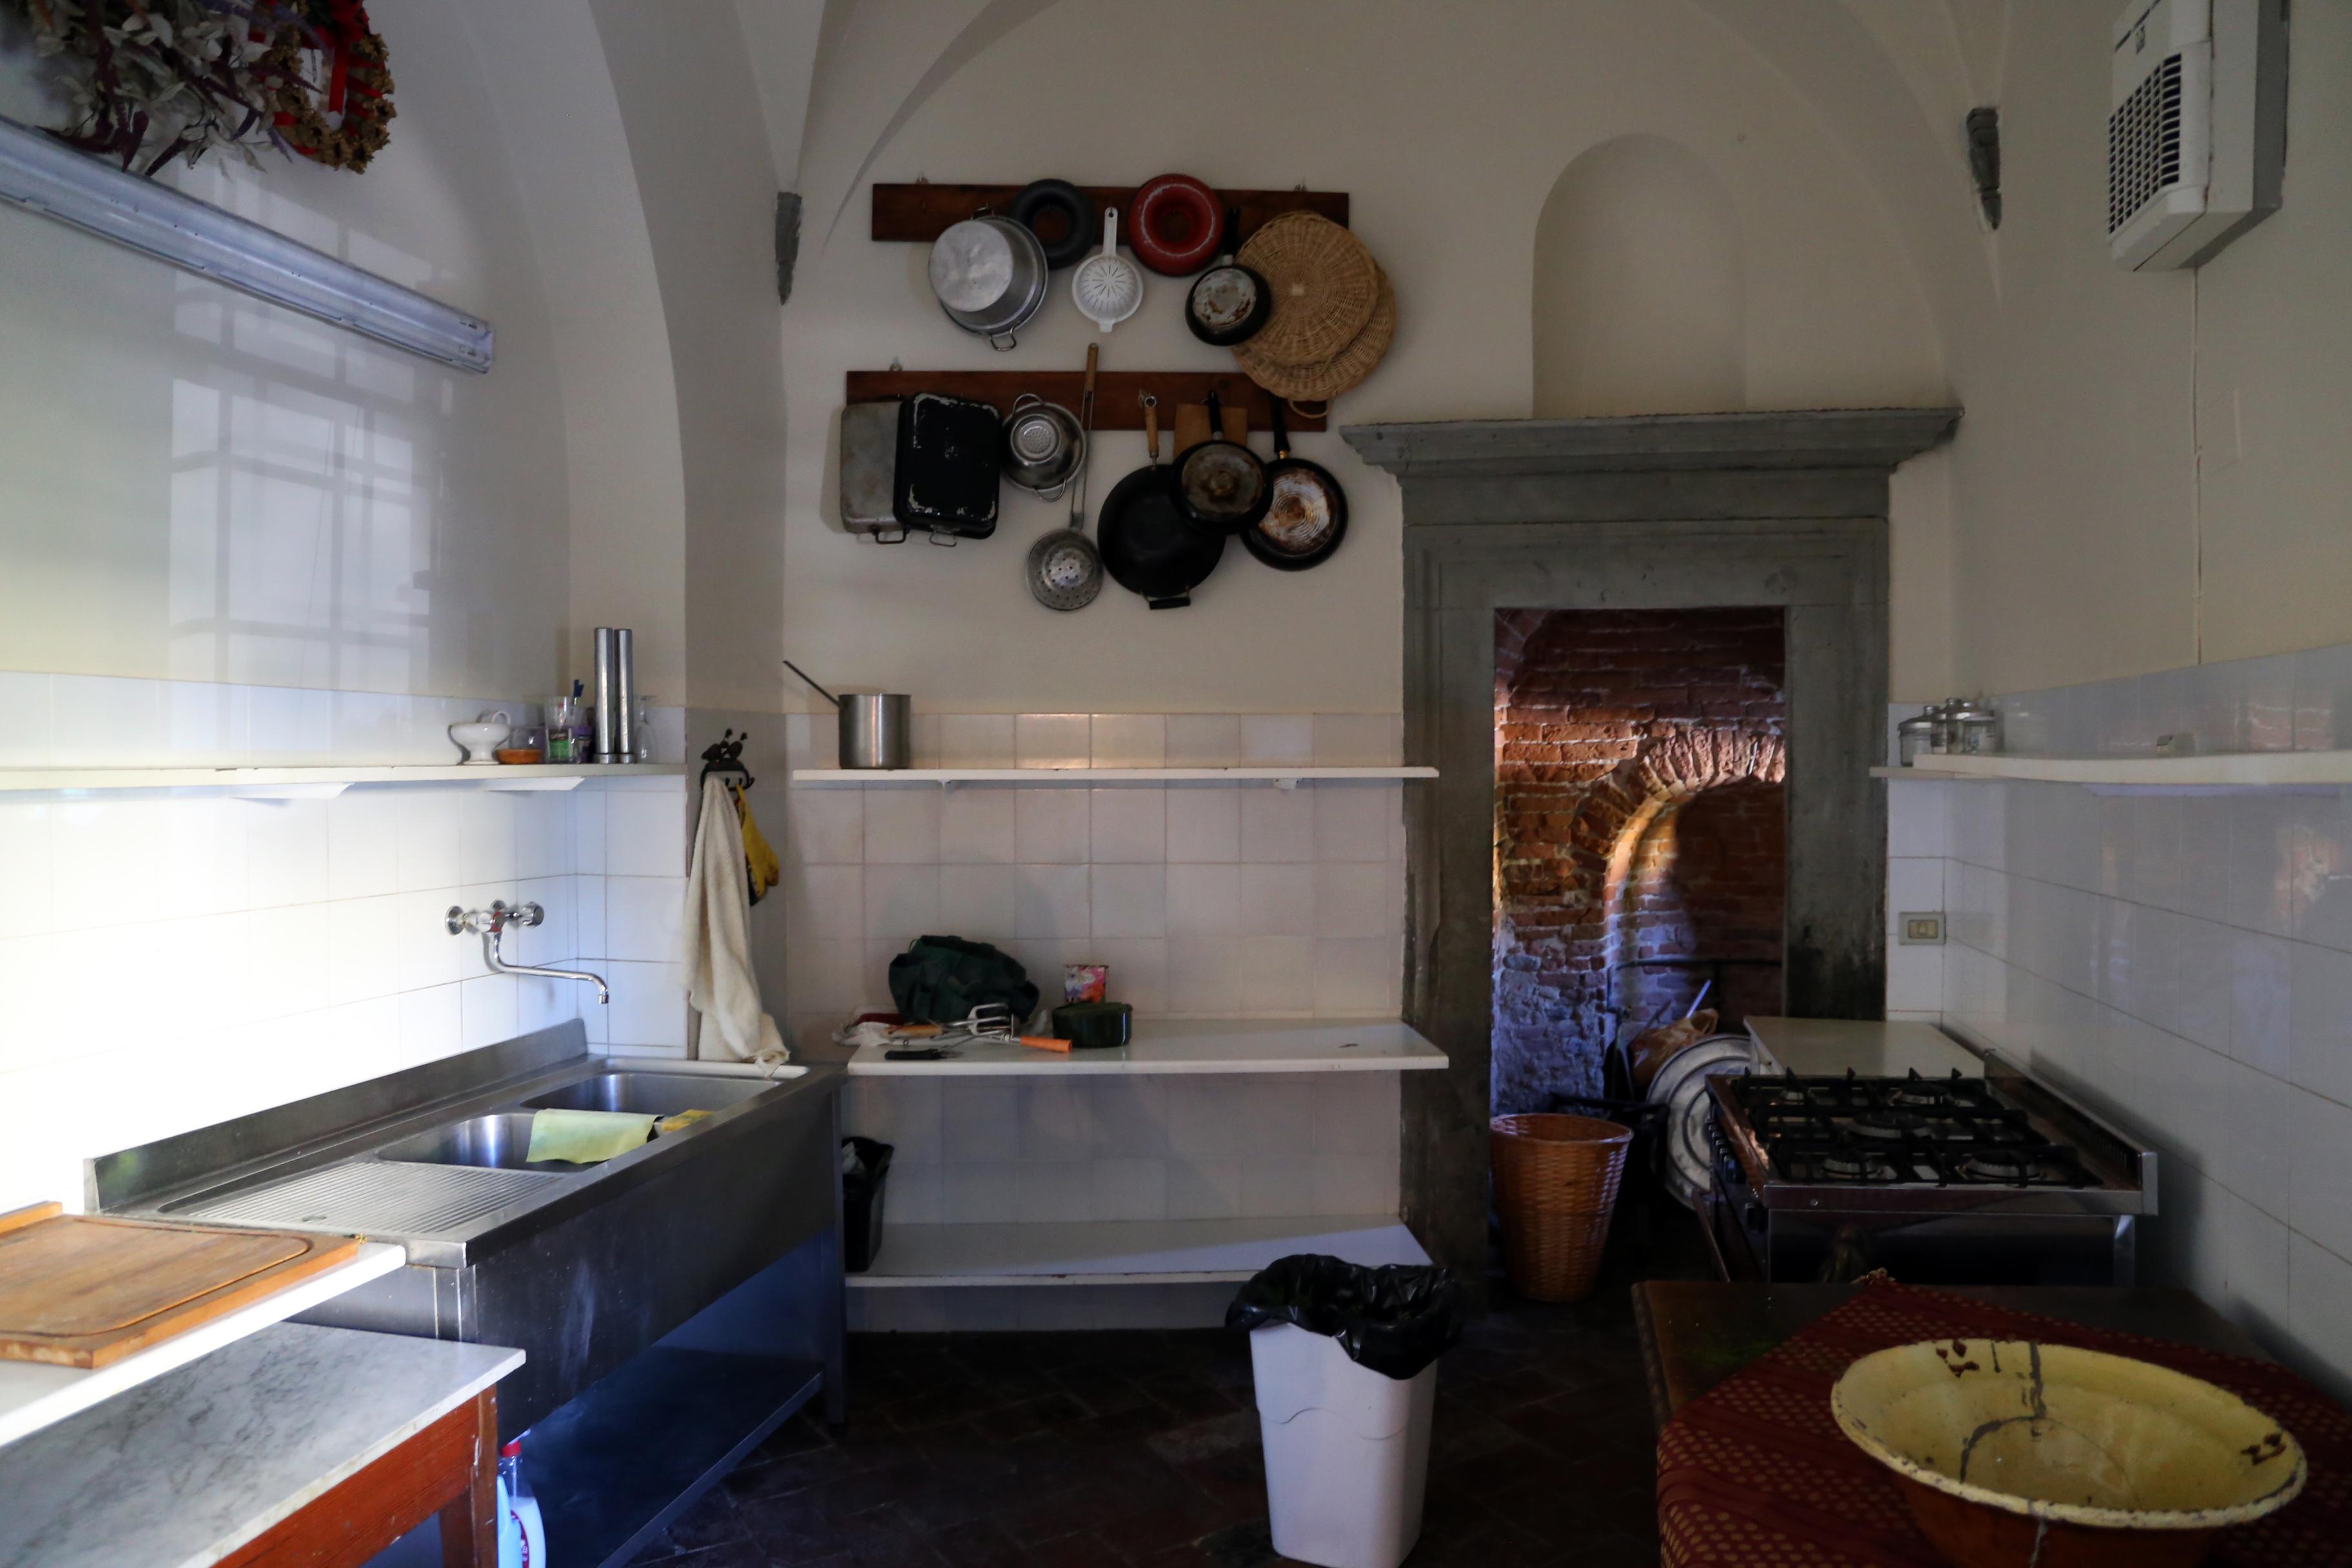 File:Villa rita di noce, antiche cucine 01.jpg - Wikimedia Commons